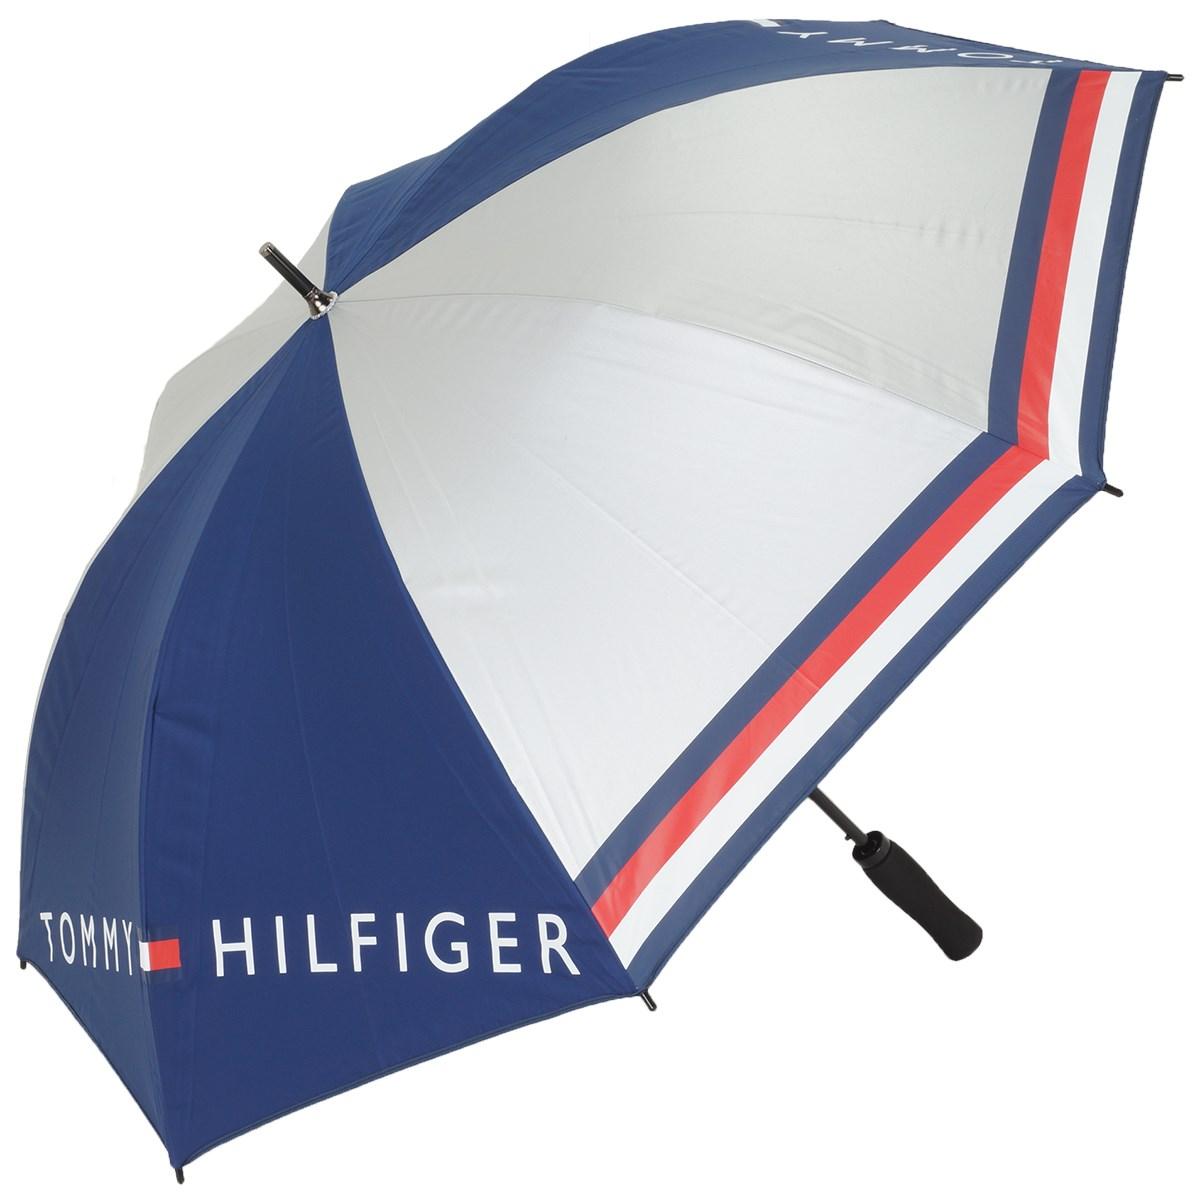 トミーヒルフィガー(Tommy Hilfiger) 傘